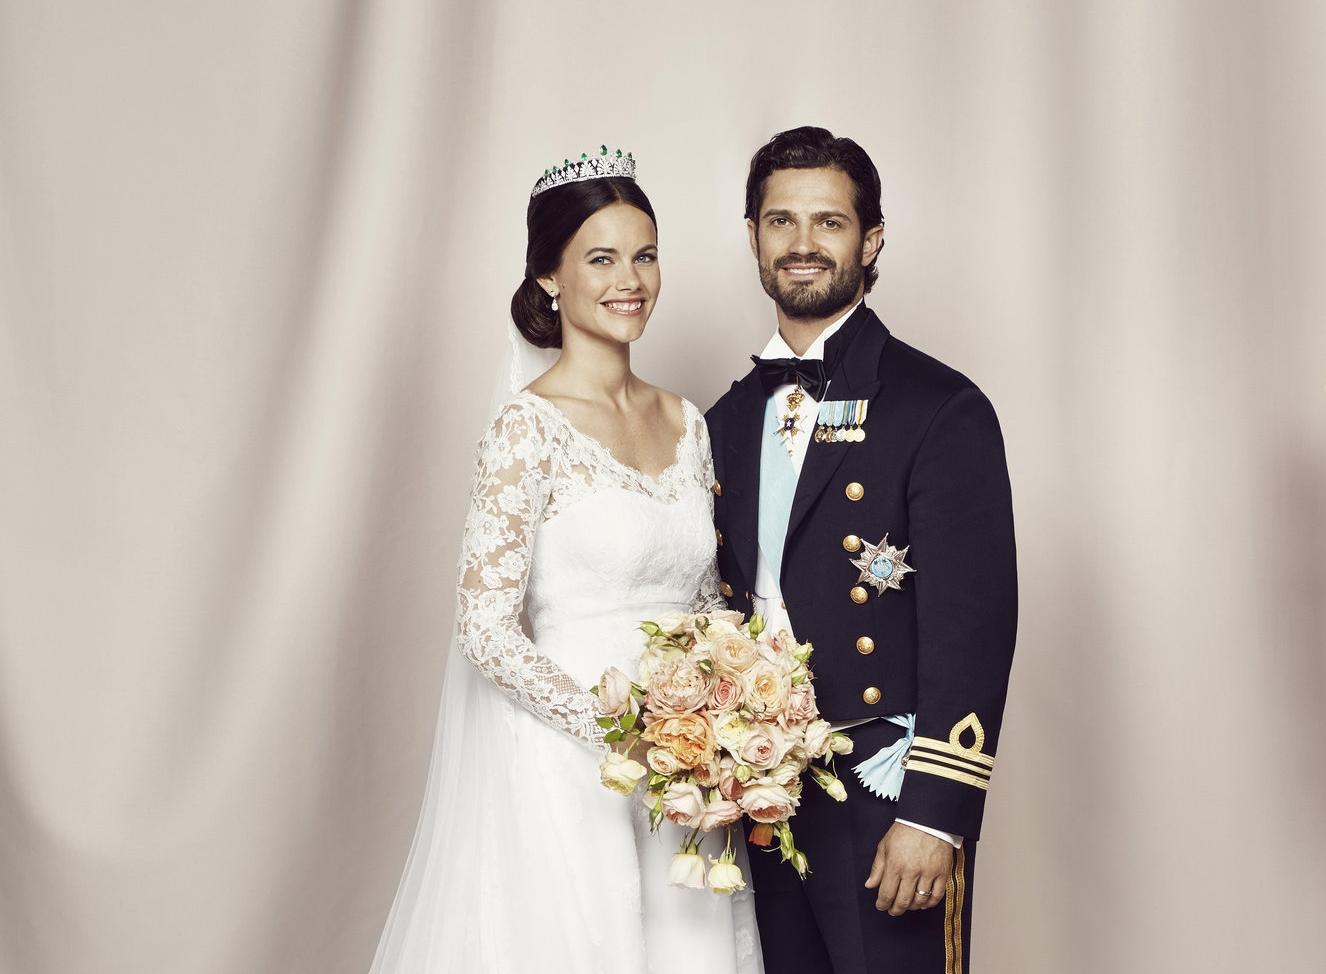 Der Hitkünstler machte die Hochzeit von Sofia und Carl Philip am 13. Juni 2015 unvergesslich.   Foto: Mattias Edwall, Kungahuset.se